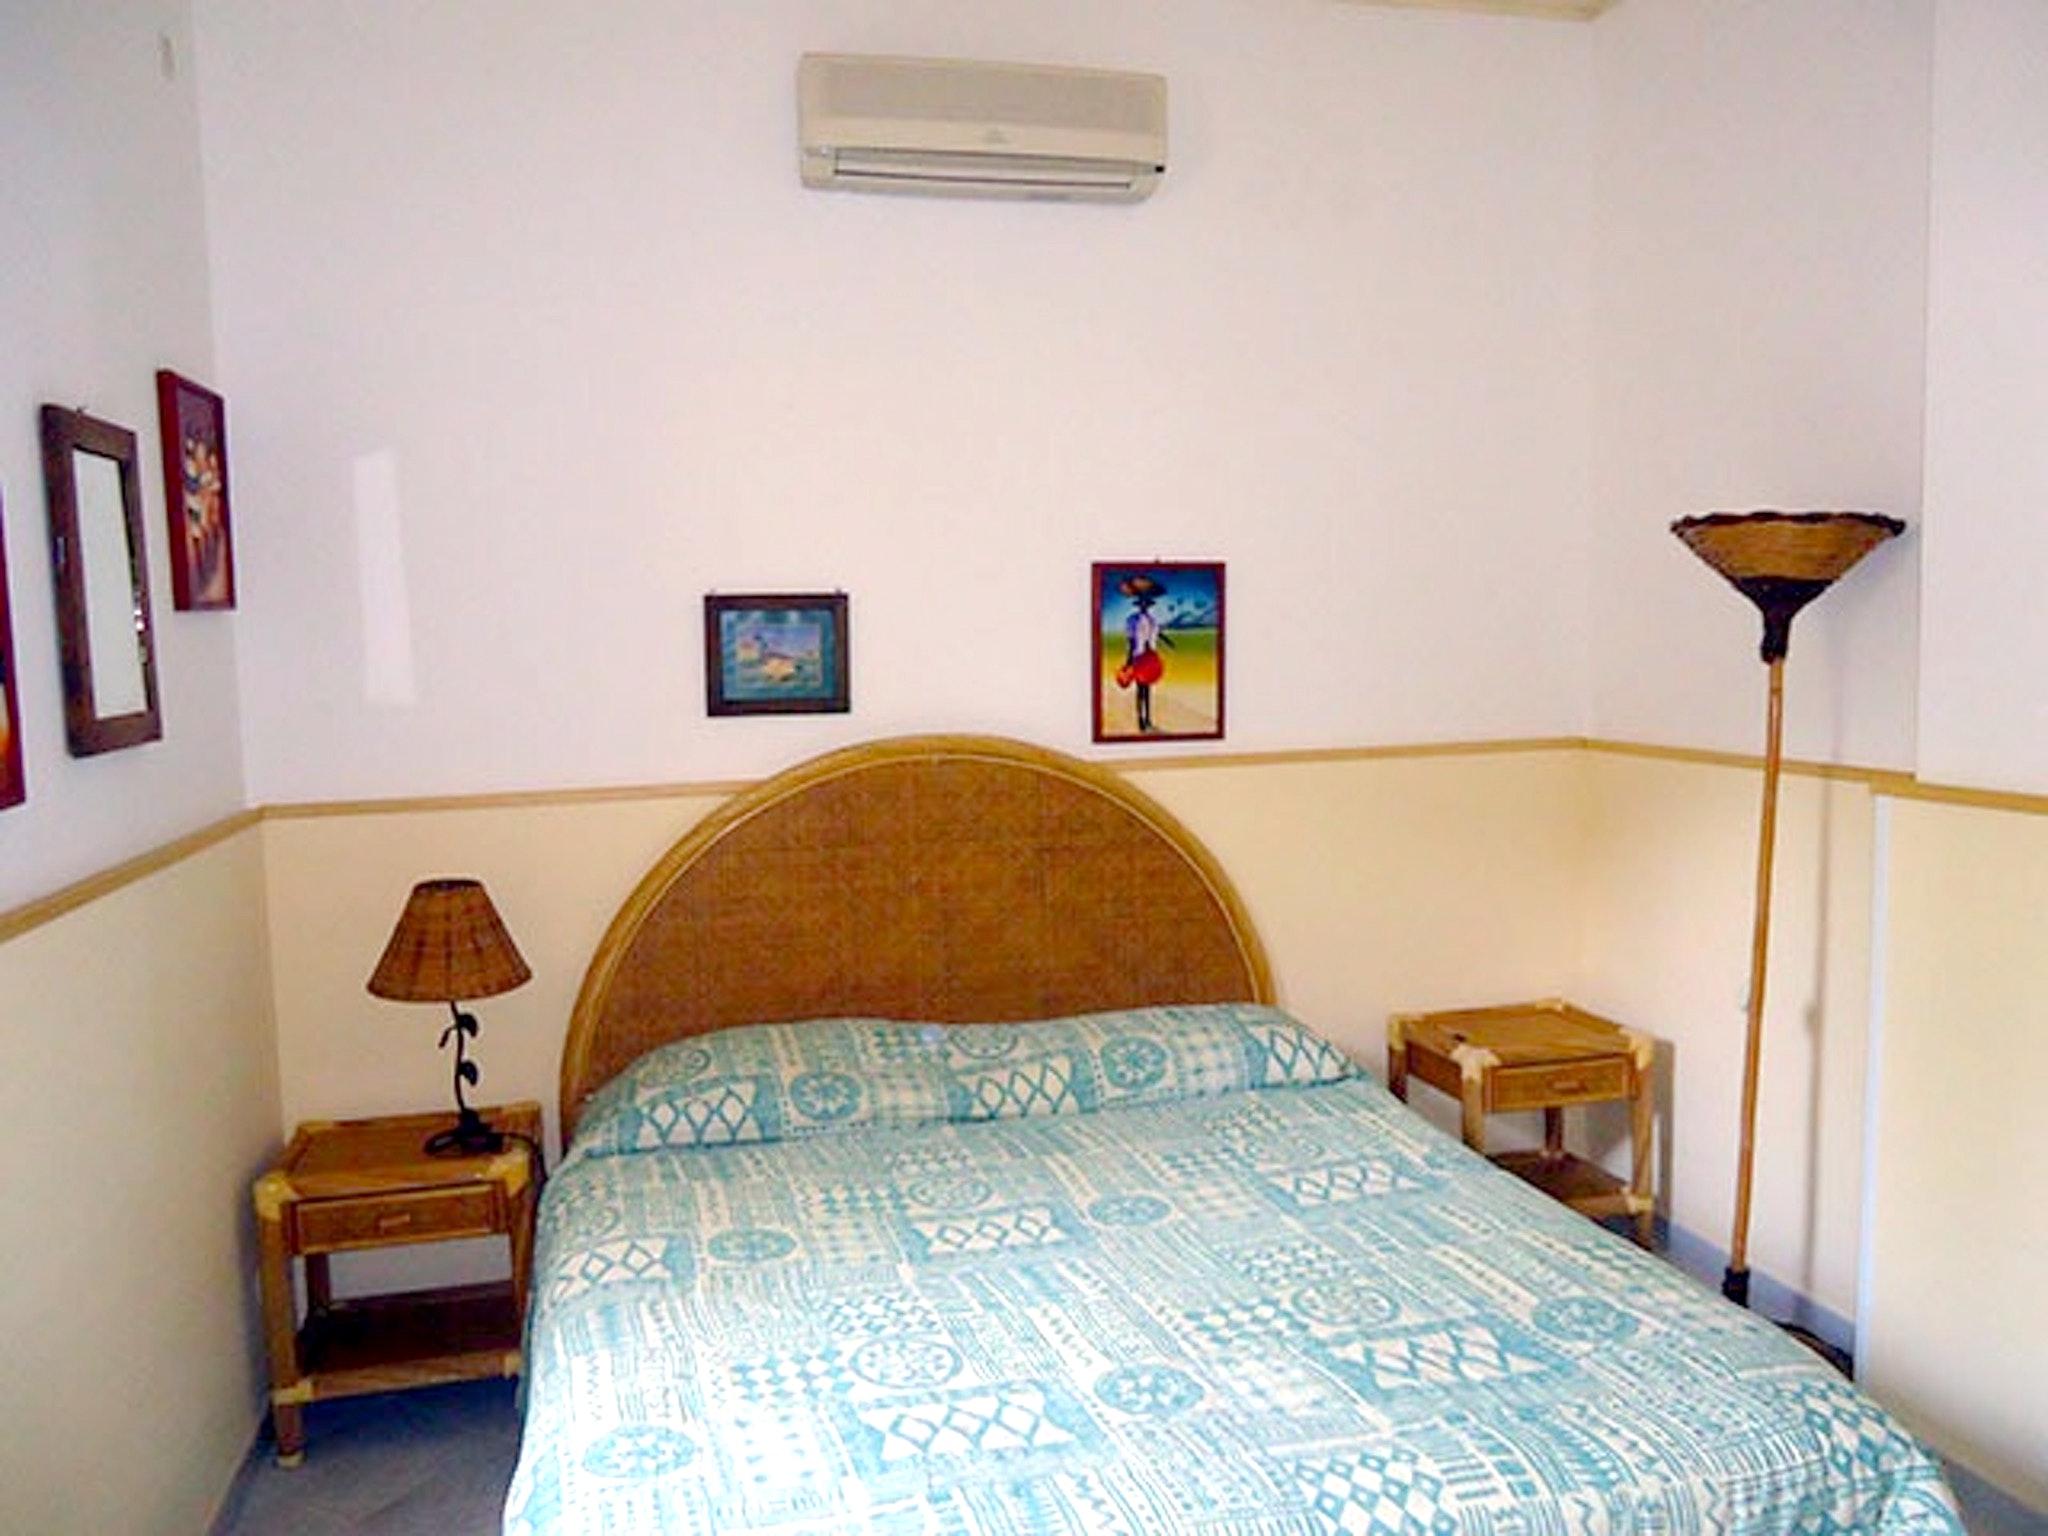 Appartement de vacances Wohnung mit 2 Schlafzimmern in Lipari mit möblierter Terrasse - 20 m vom Strand entfernt (2202323), Lipari, Lipari, Sicile, Italie, image 8